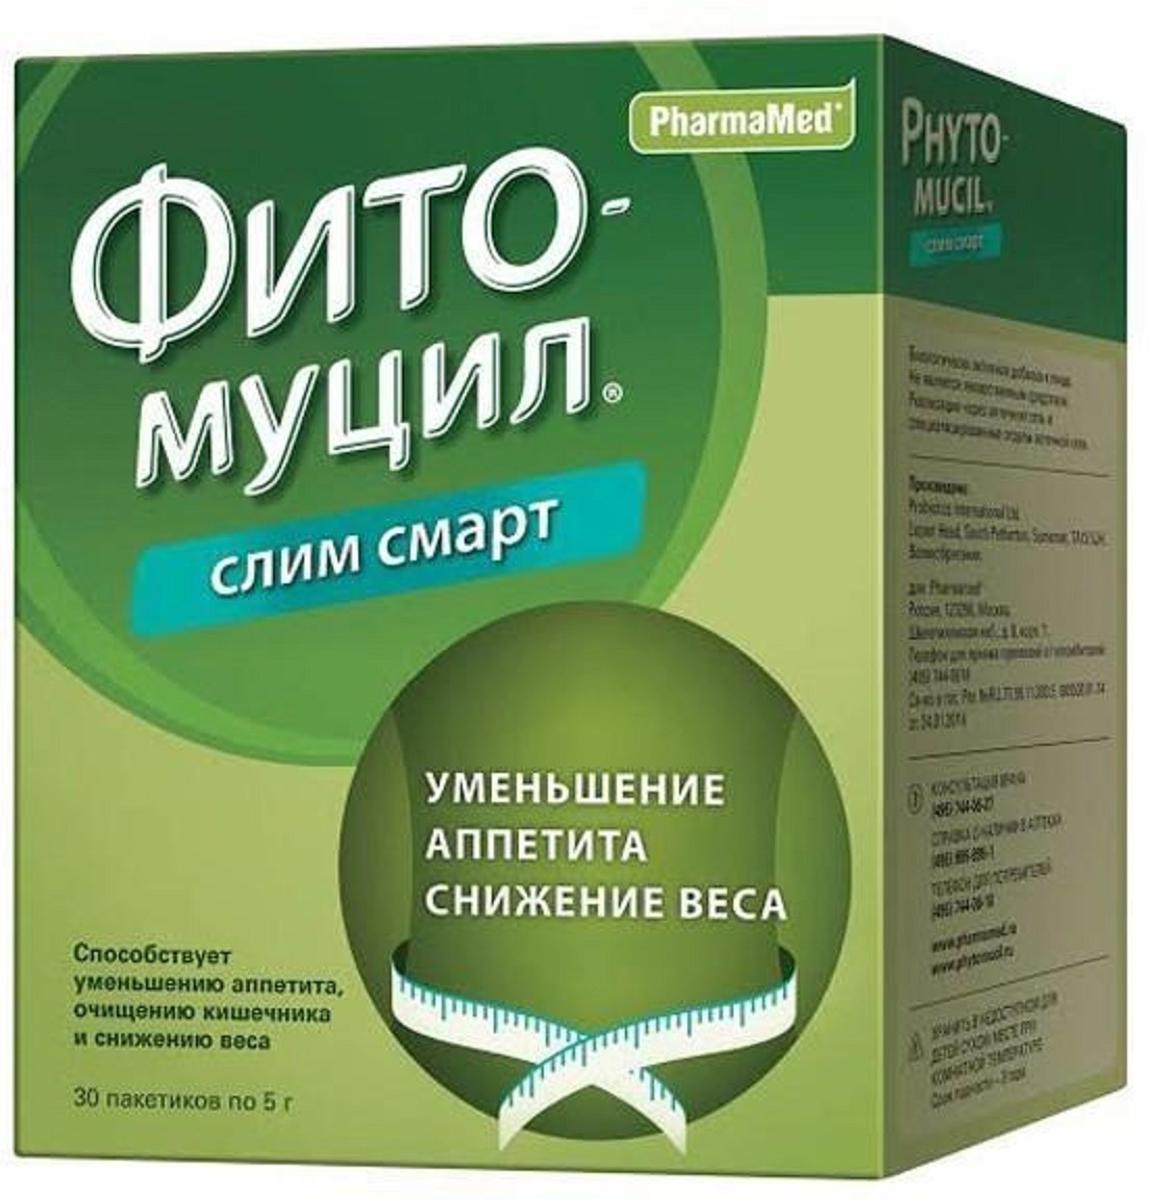 Фитомуцил Слим Смарт саше 5г №302201571.снижает аппетит 2.уменьшает всасывание жиров и углеводов 3.уменьшает общую калорийность пищи 4.обеспечивает регулярное естественное очищение кишечника 5.выводит шлаки и токсины Сфера применения: ГастроэнтерологияПробиотическое и пребиотическое